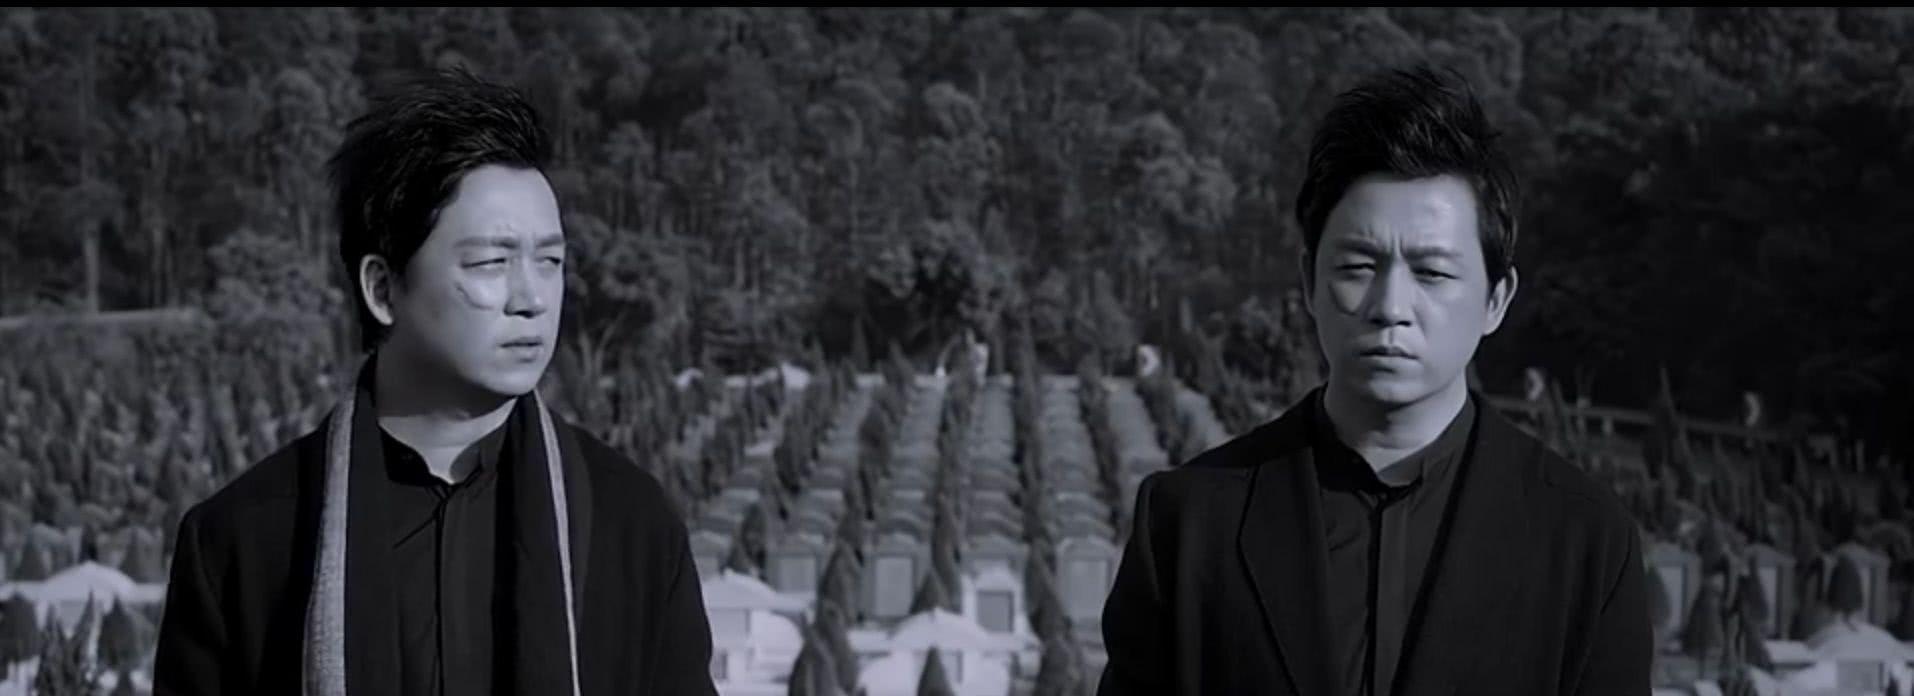 豆瓣9.0以上的4部犯罪剧,《白夜追凶》上榜,第一百看不厌!